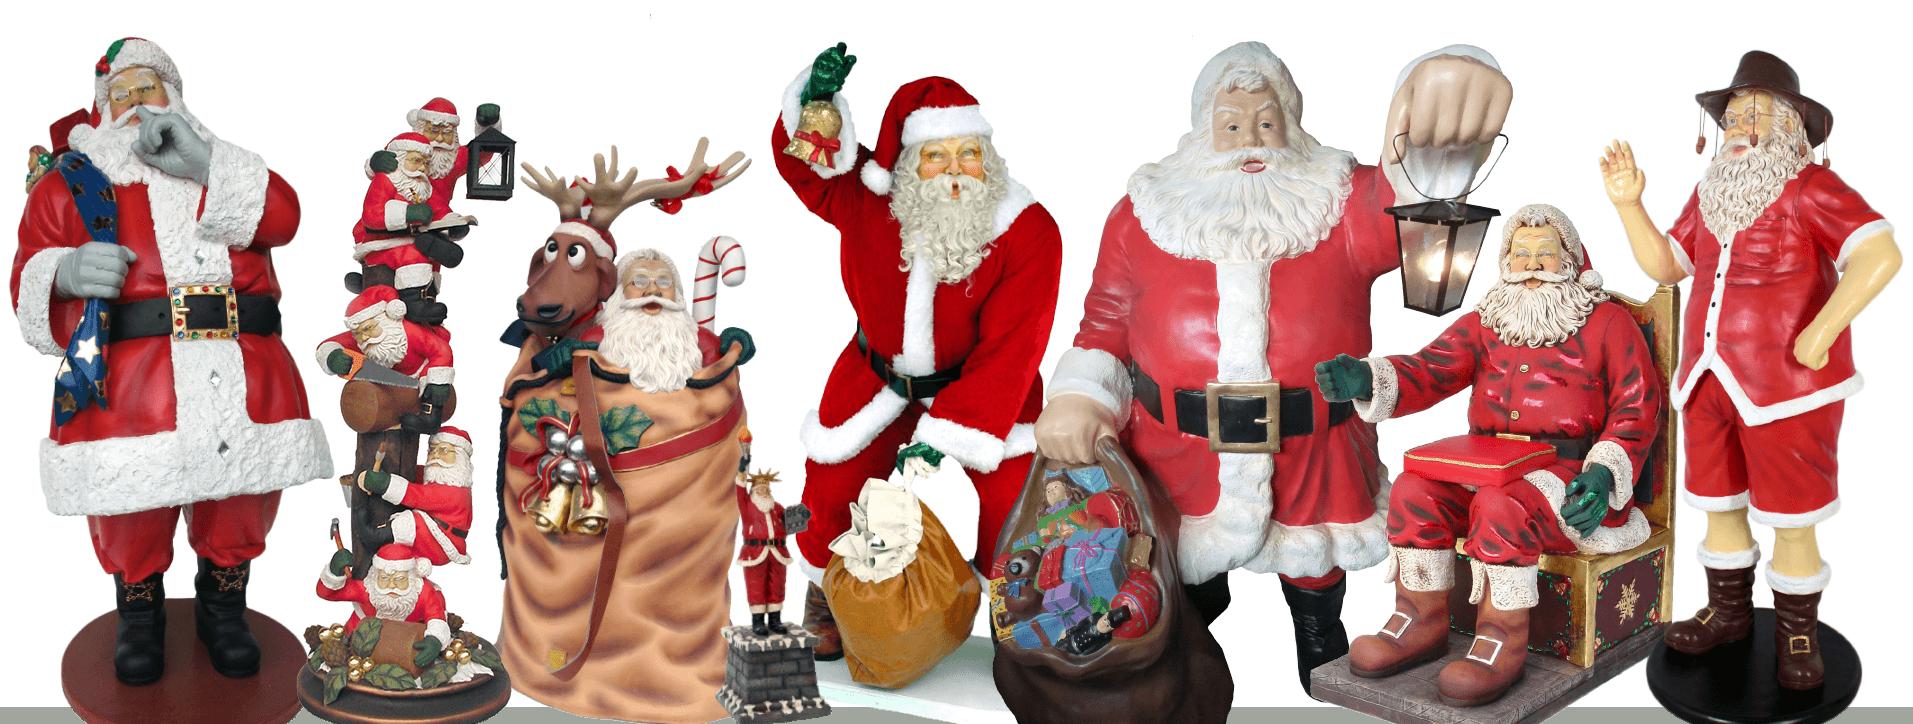 weihnachtsm nner als lebensgro e weihnachtsfiguren hier. Black Bedroom Furniture Sets. Home Design Ideas